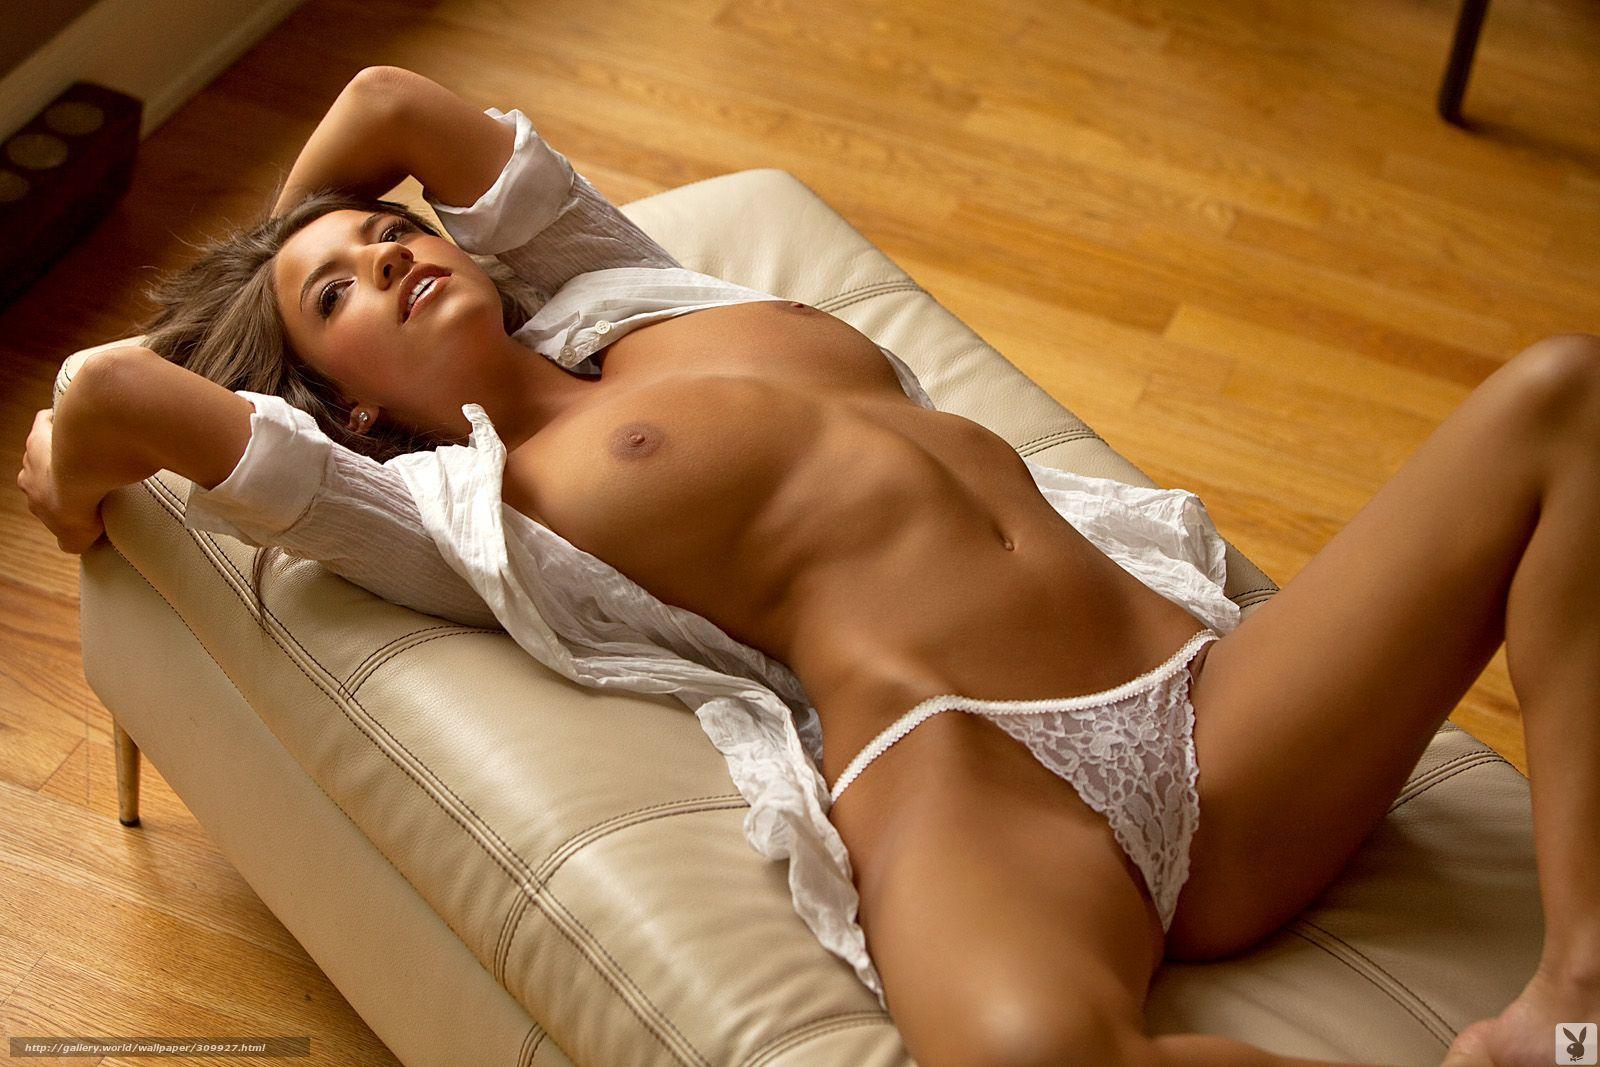 Рыжие сексуальные девушки с супер фигурой фото 20 фотография